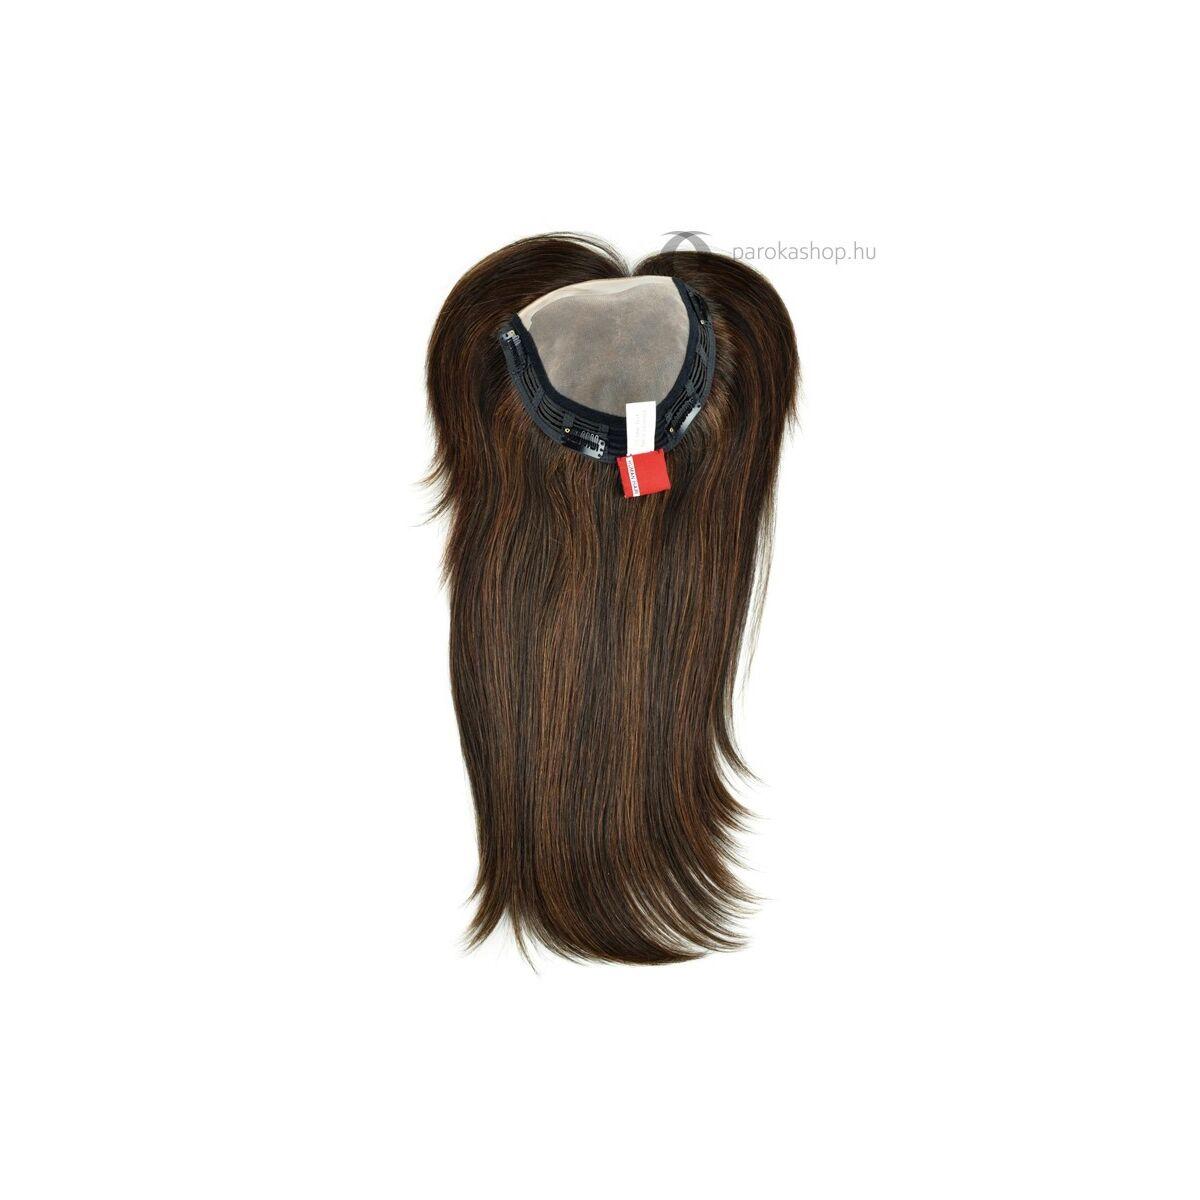 Gisela Mayer Extra Long HH Filler csatos póthaj fejtetőre női félparóka hajpótlás pepi tupé emberi hajból